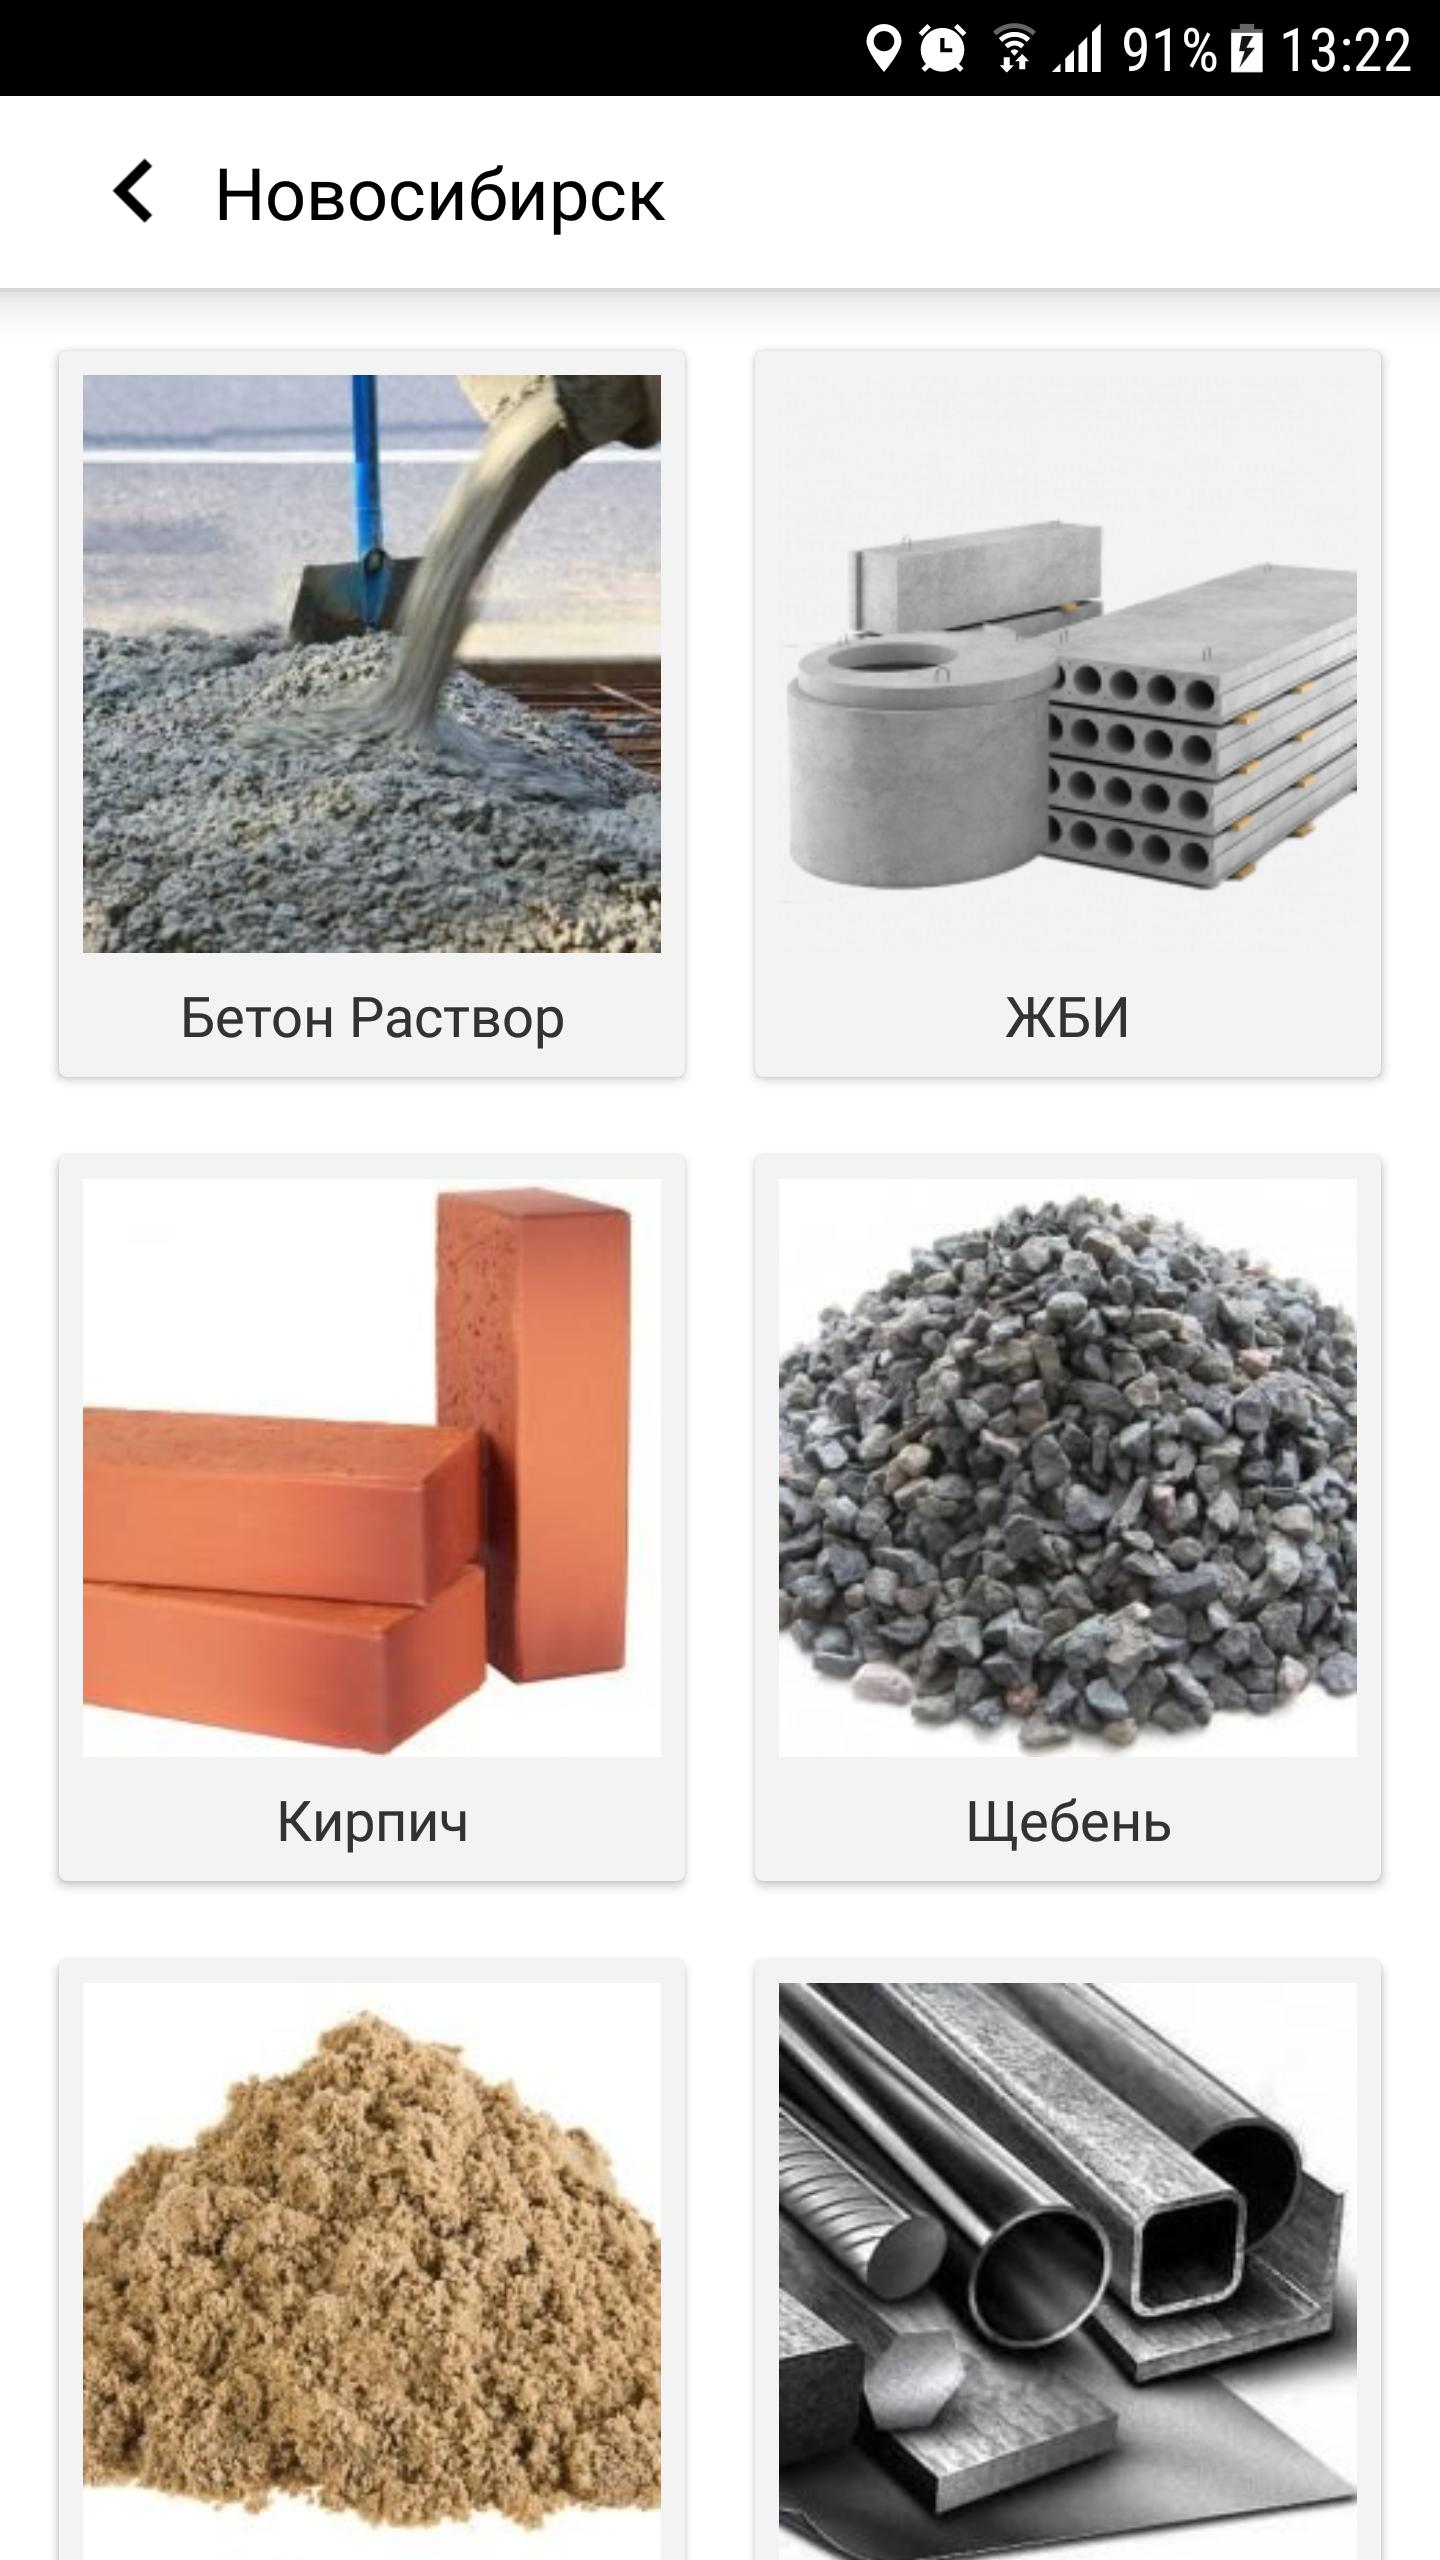 Строительных материалов чем бетон или раствор калькулятор для приготовления бетонной смеси